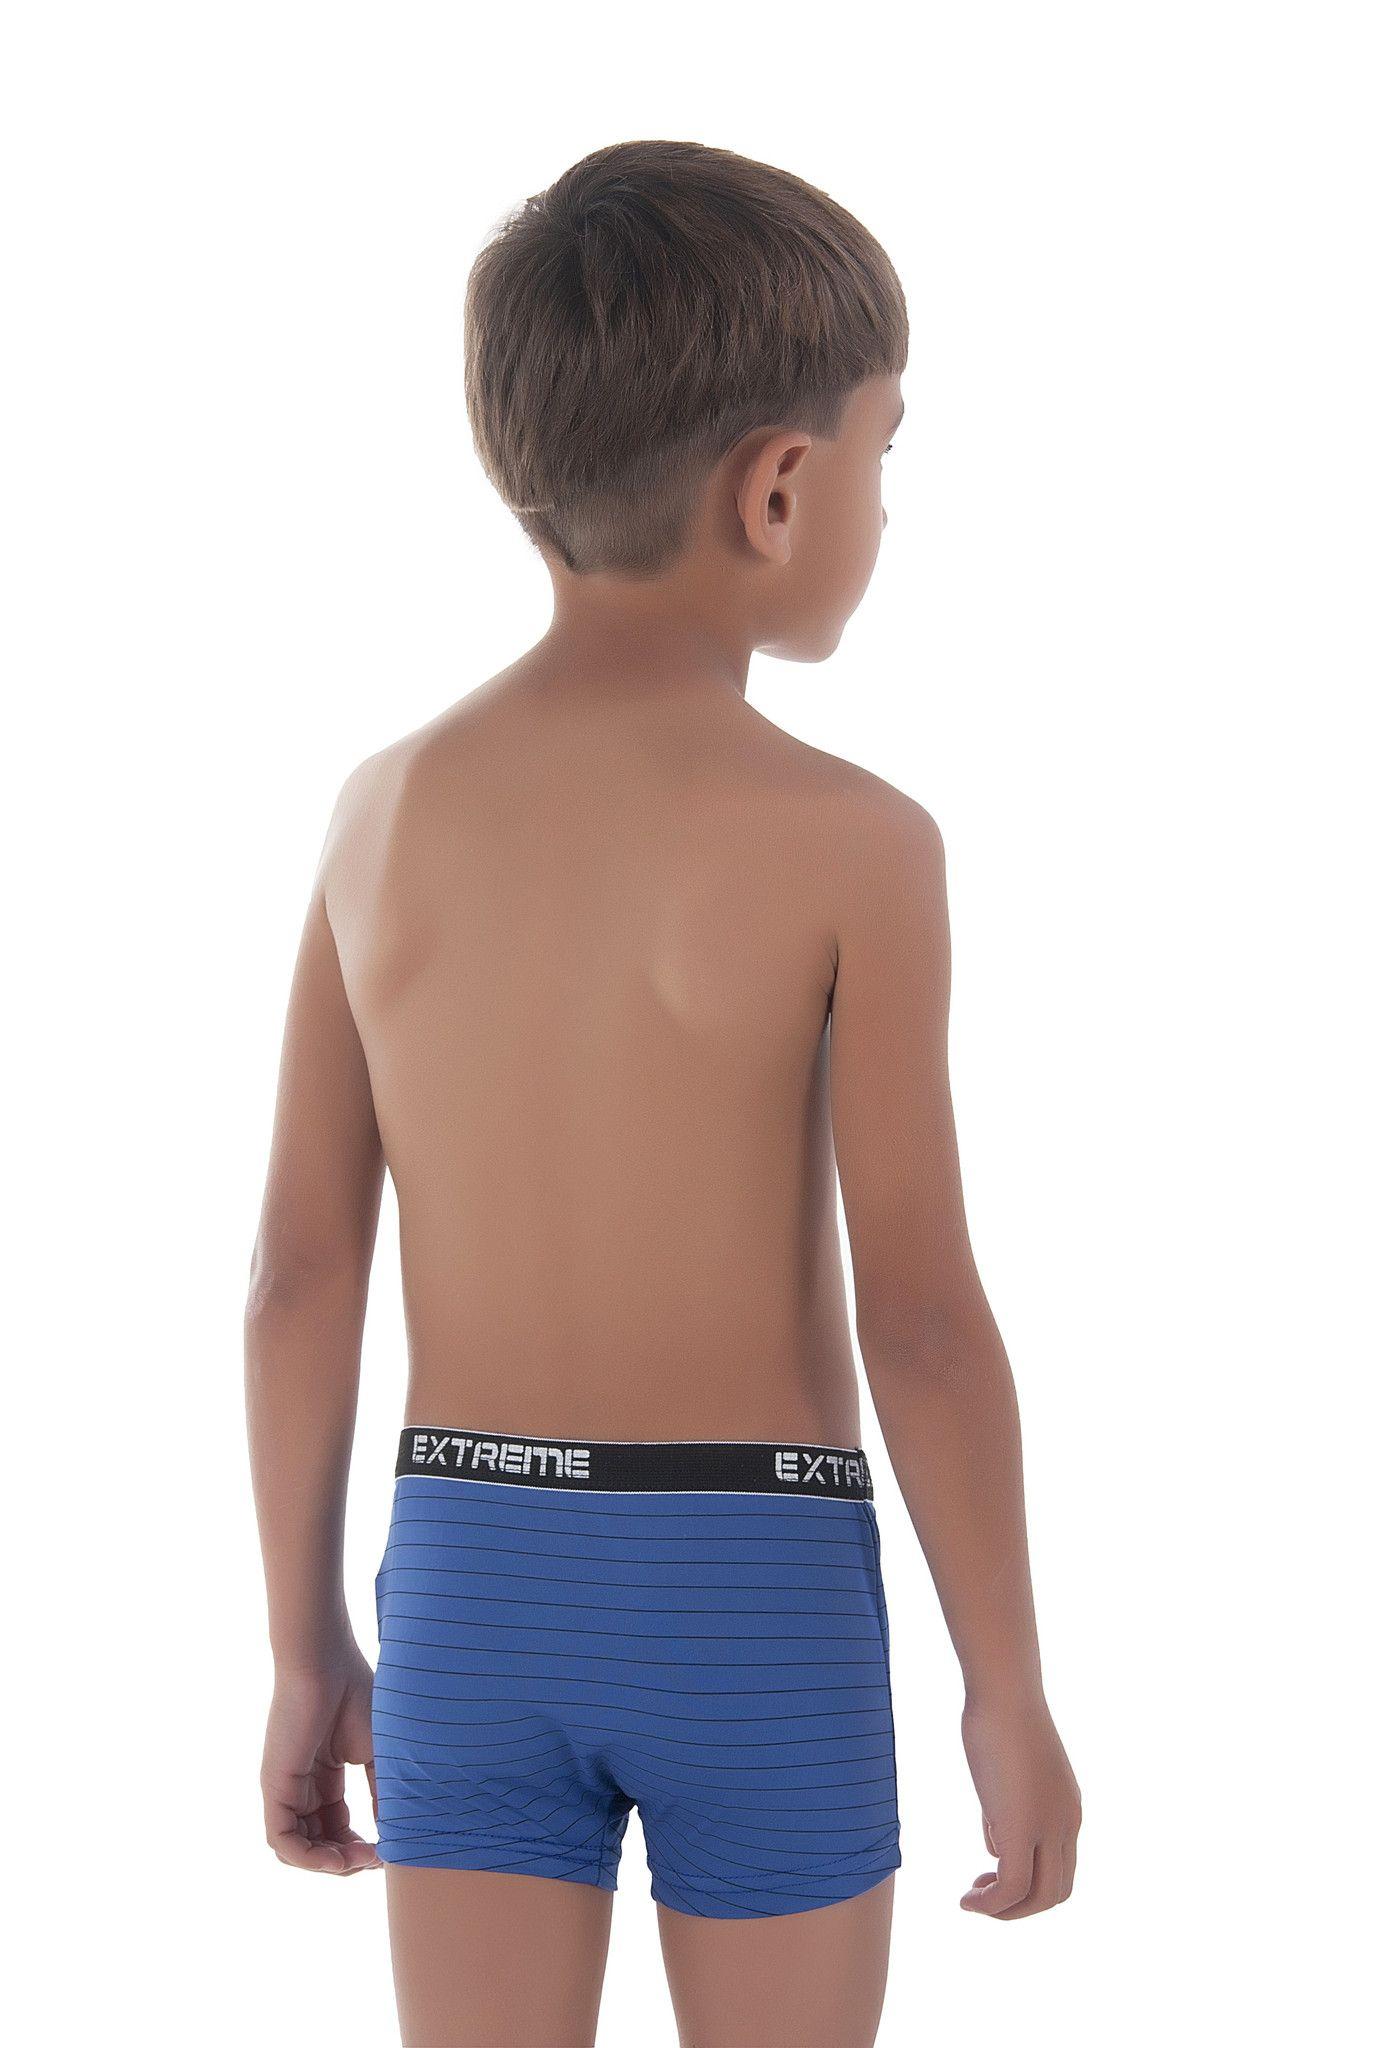 287e2a2fdca145 Cueca Boxer Infantil em microfibra Risca de giz | cueca | Crianças ...